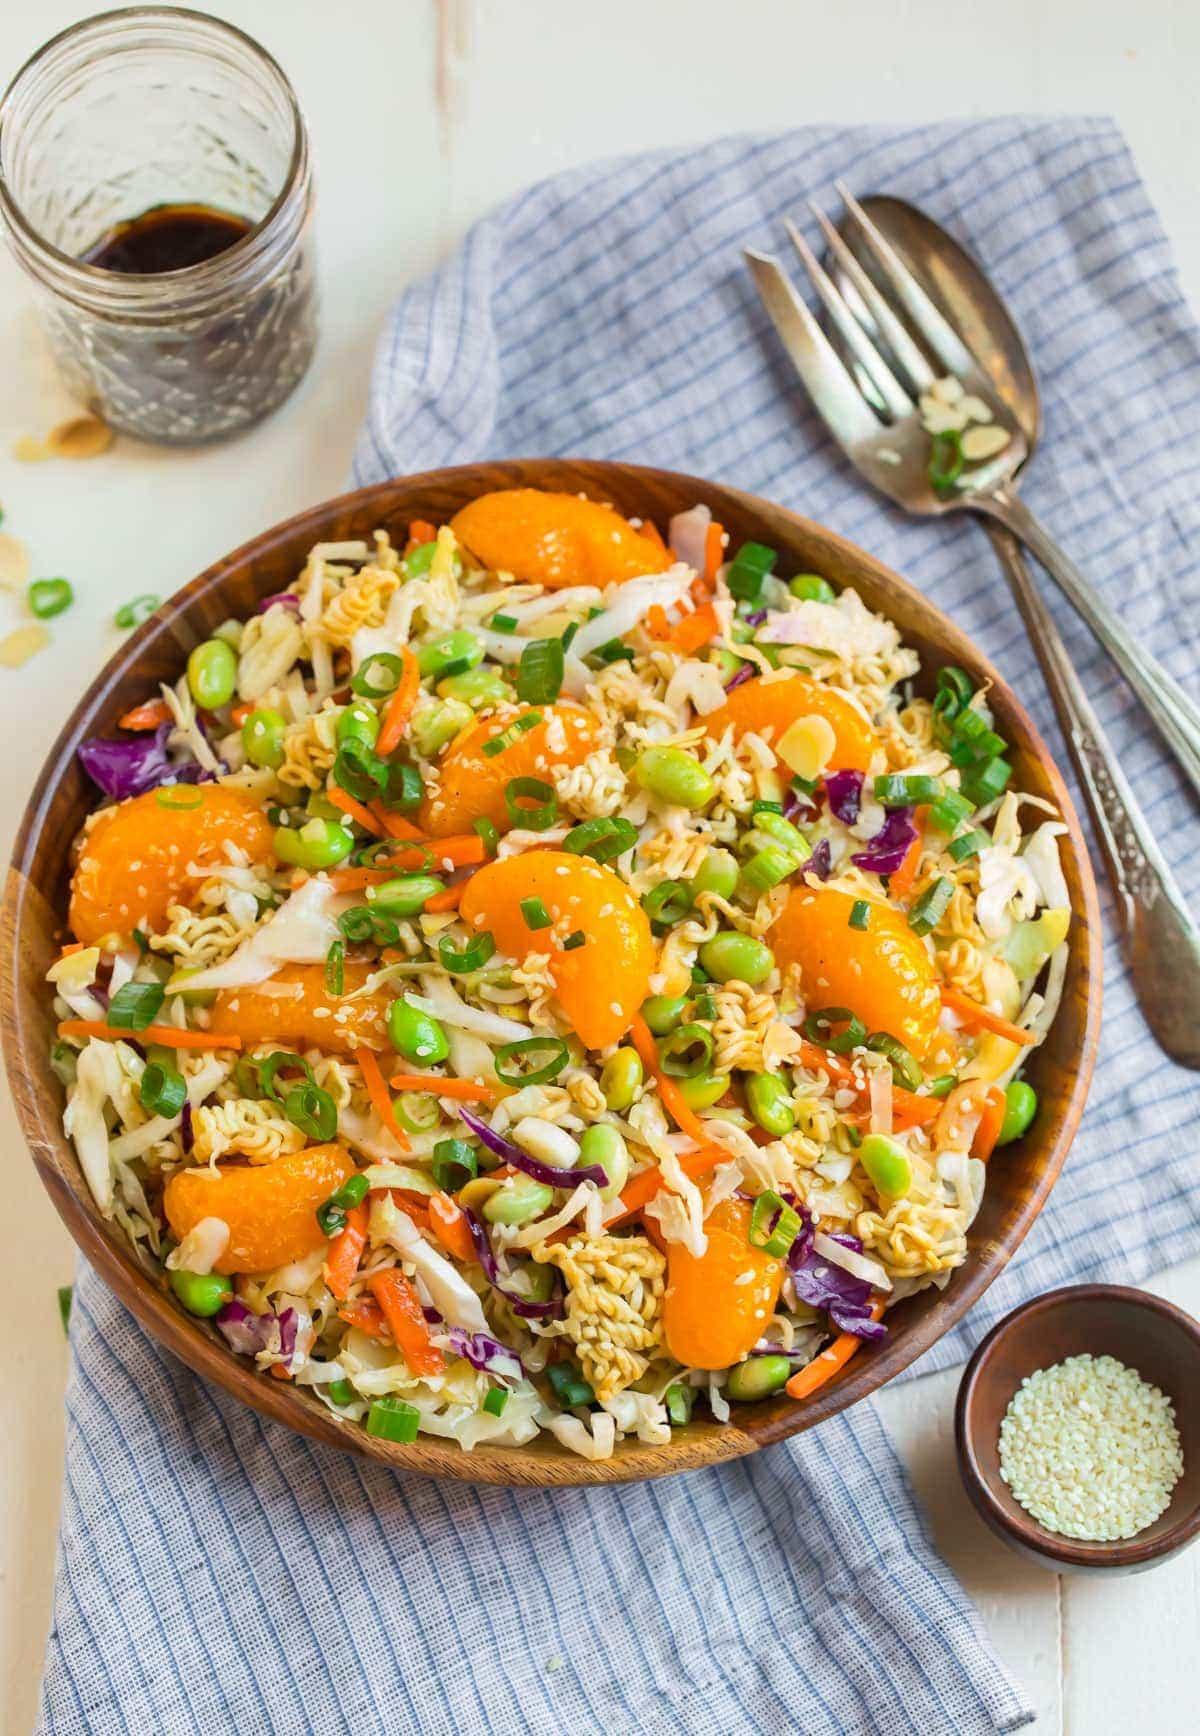 Salads With Ramen Noodles  Ramen Salad Best Ever Crunchy Asian Ramen Salad